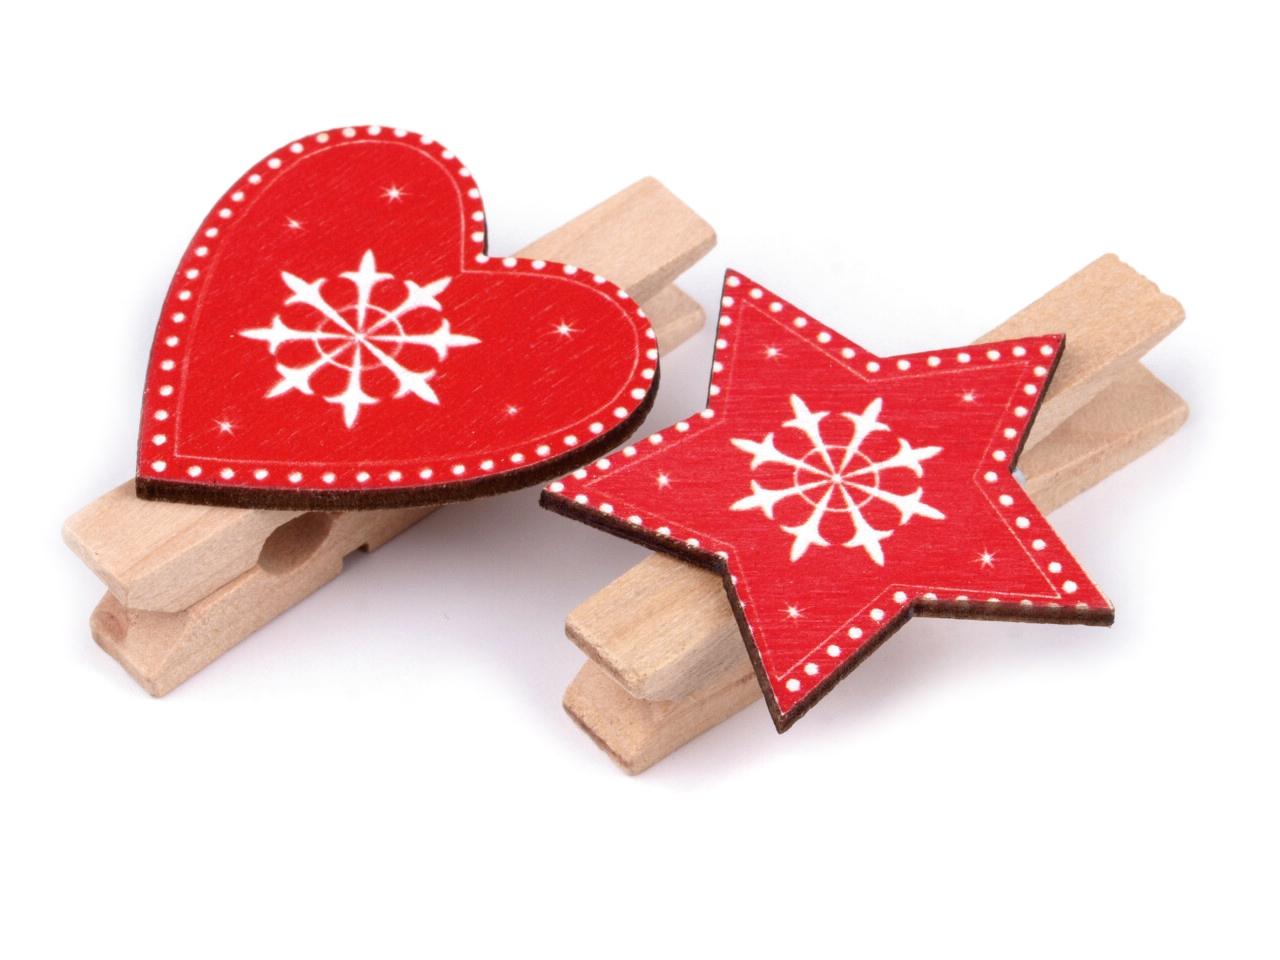 Kurzwaren becker weihnachtsdeko herz stern baum for Weihnachtsdeko baum